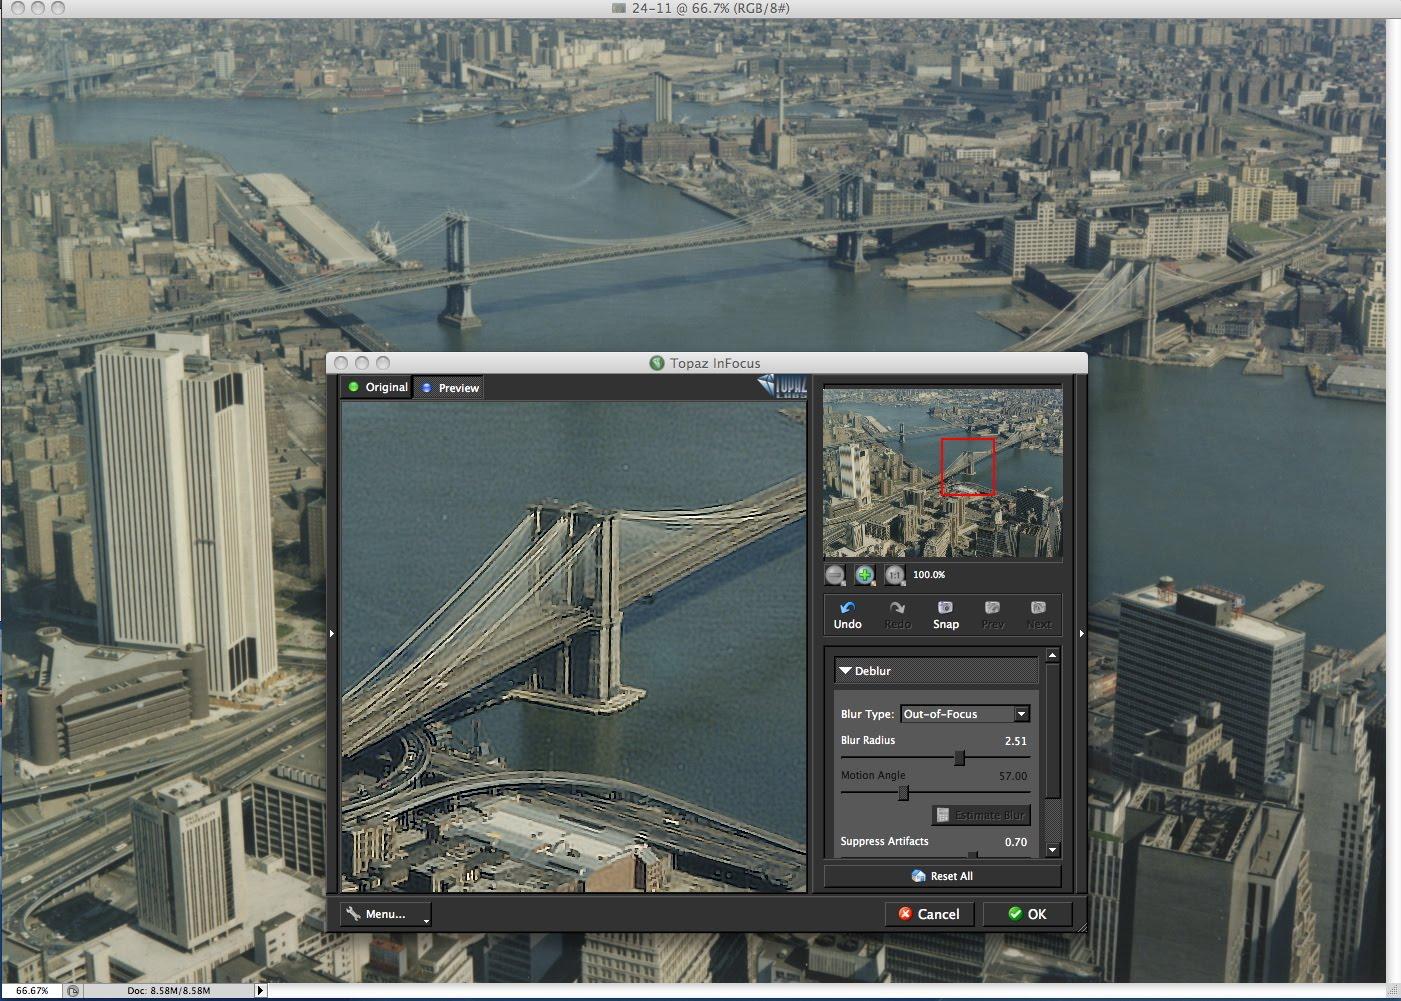 http://2.bp.blogspot.com/_cPmDV-rf78w/TOr64Ig5DII/AAAAAAAADFo/IWZa7t7UeVE/s1600/PhotoshopScreenSnapz001.jpg